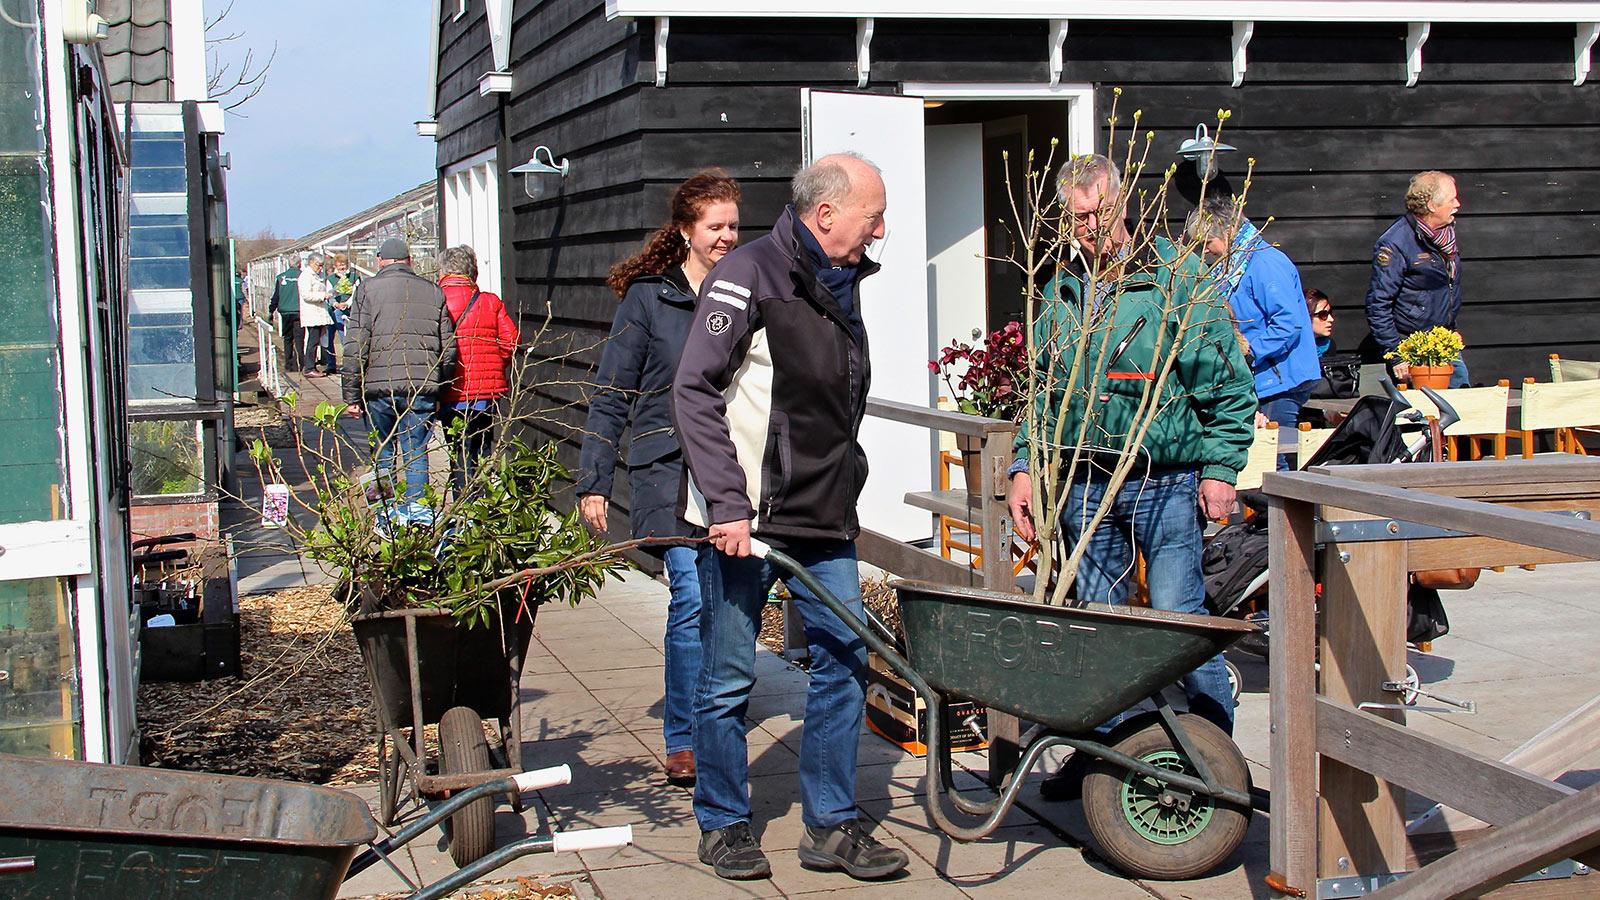 Historische Tuin Aalsmeer - Beleef - Verkoopdag